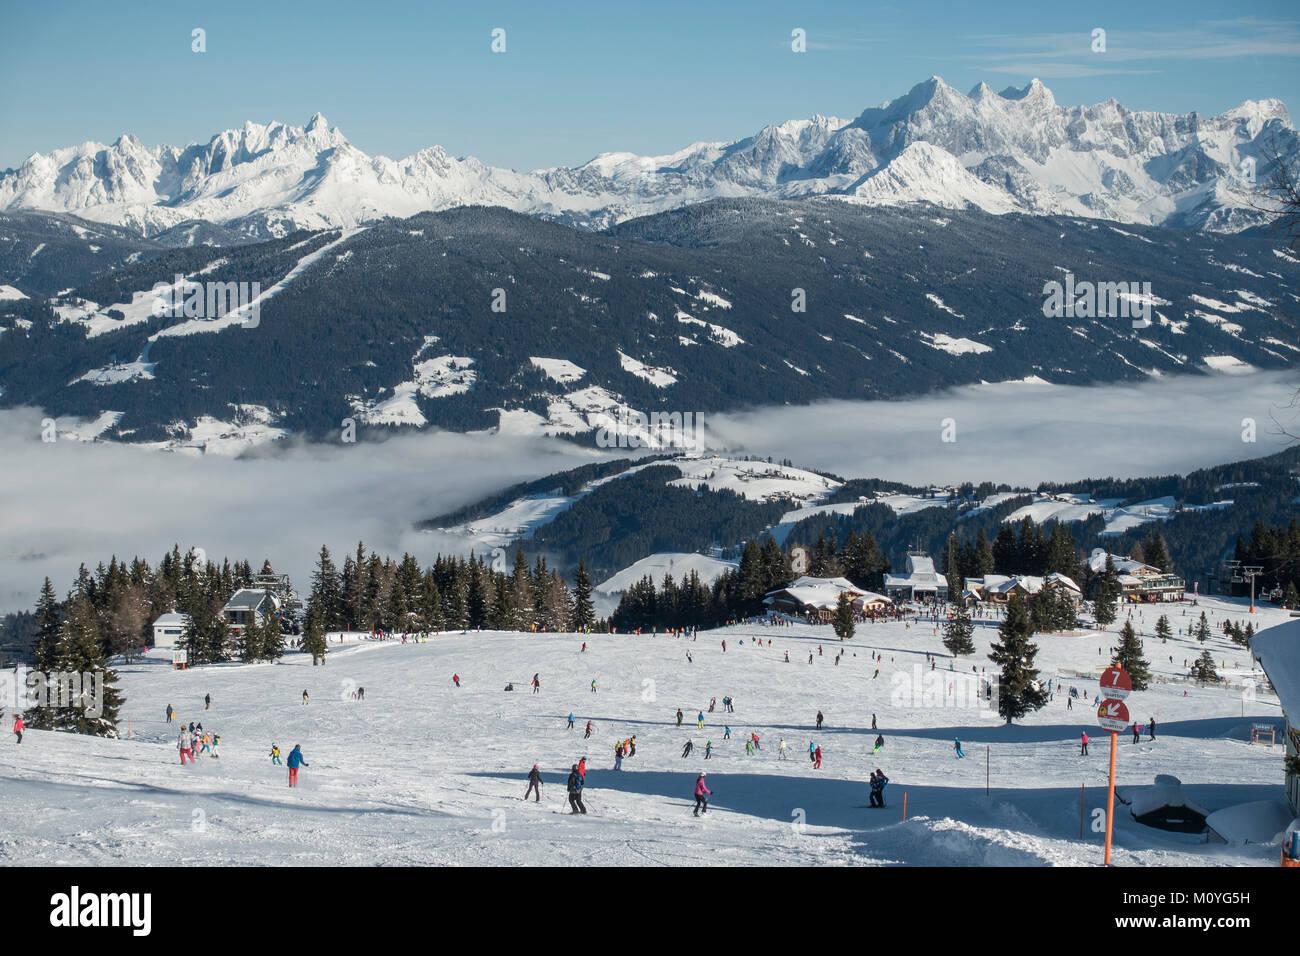 Ski Slope At The Griesenkareck1991mregion Amadebehind Dachstein Massifmunicipality FlachauSalzburger Land